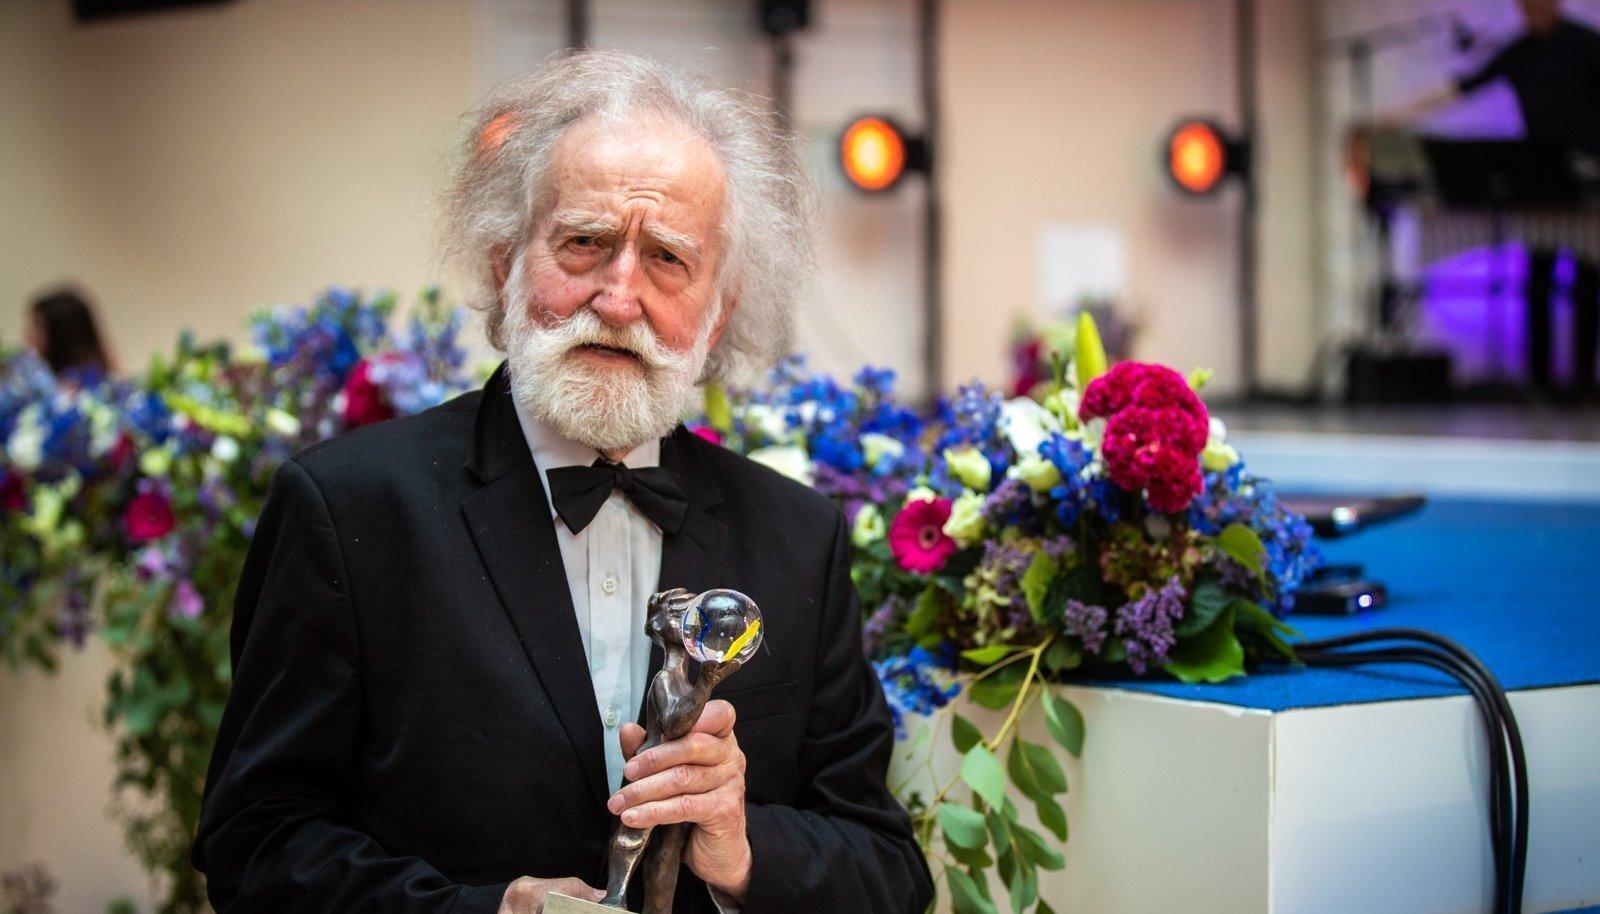 Elutööpreemia laureaat filosoof ja õpetaja Ülo Vooglaid